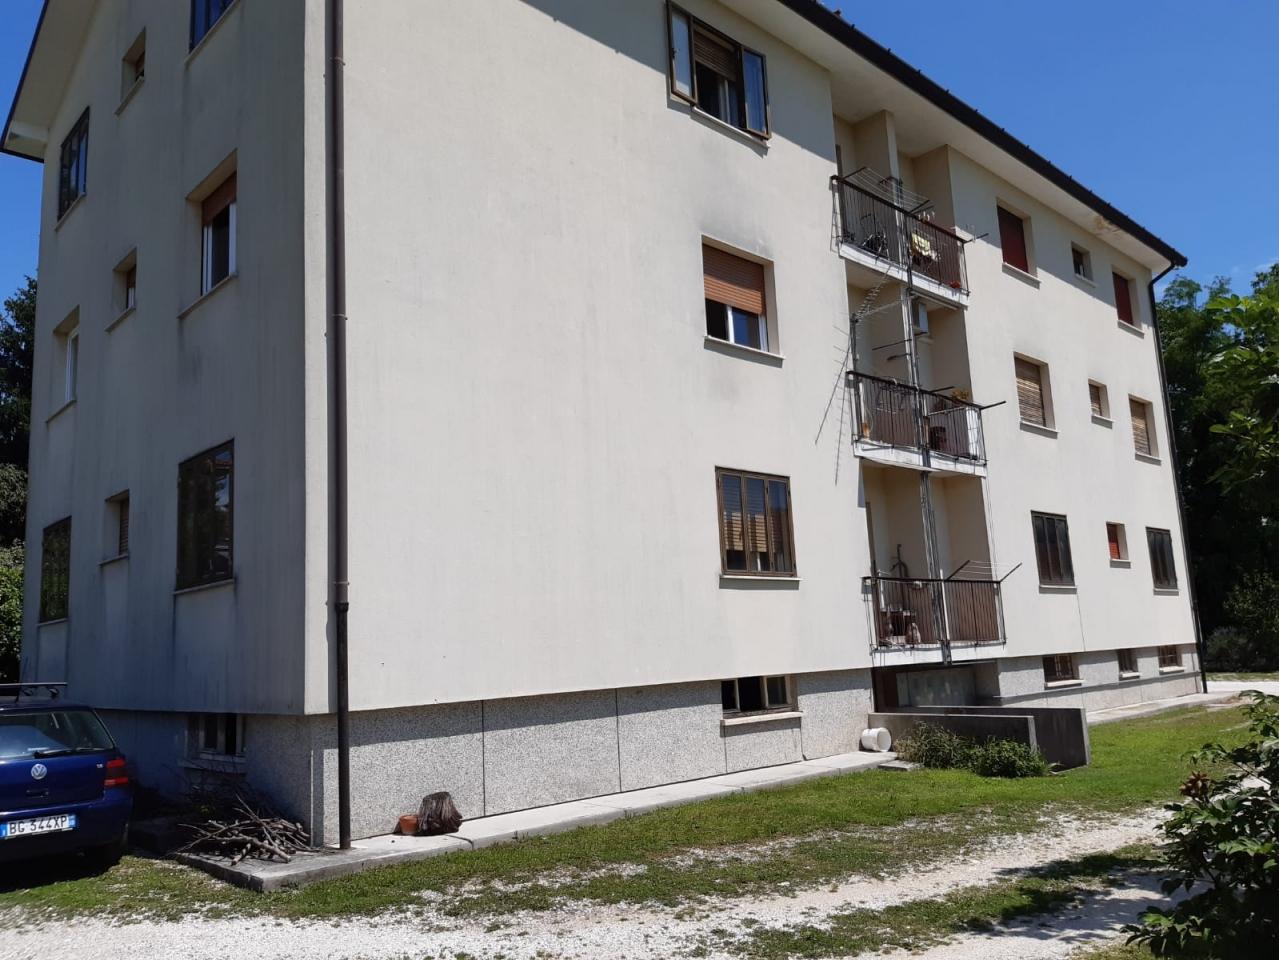 Appartamento bicamere a Ragogna - Slideshow 1